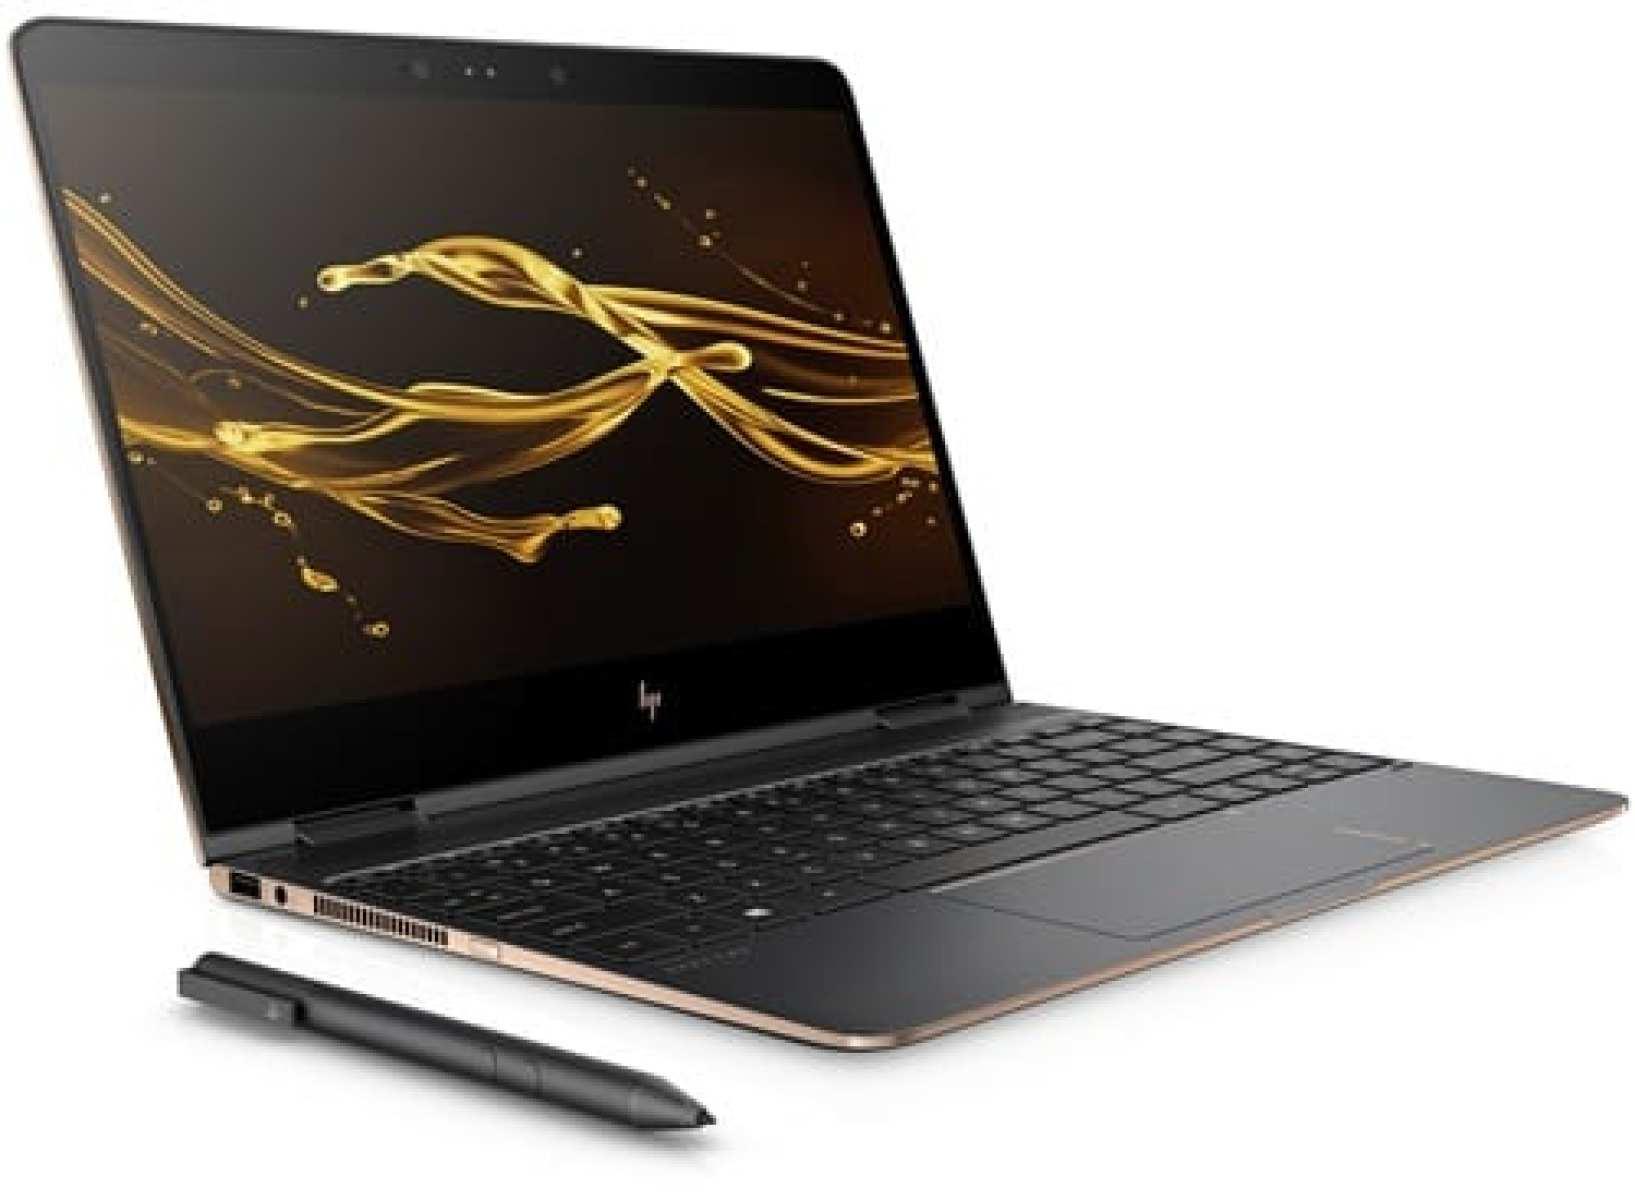 a hp lança seus principais notebooks: specter e specter x360; disponibilidade prevista para 29 de outubro